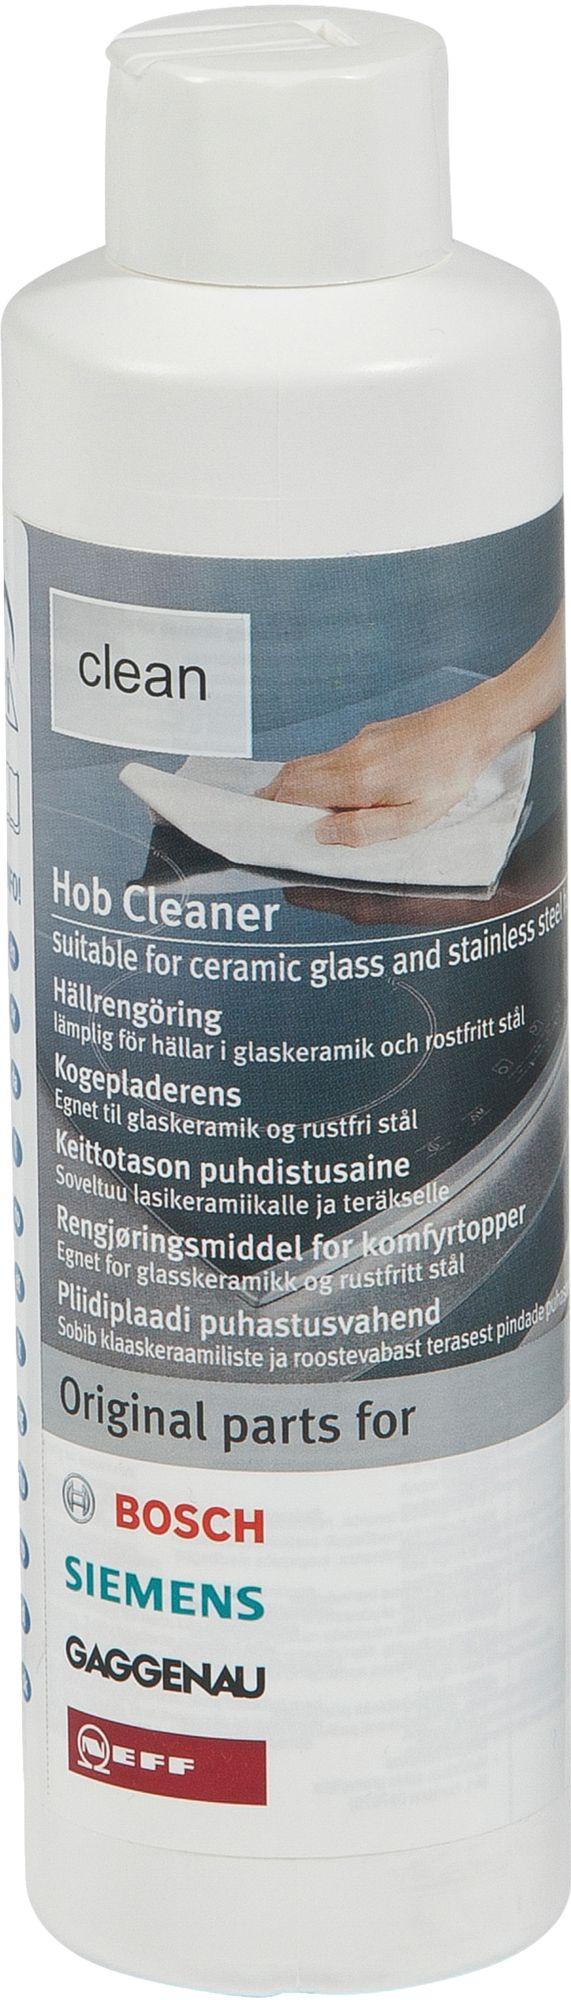 Rengjøringsmiddel for platetopper Image